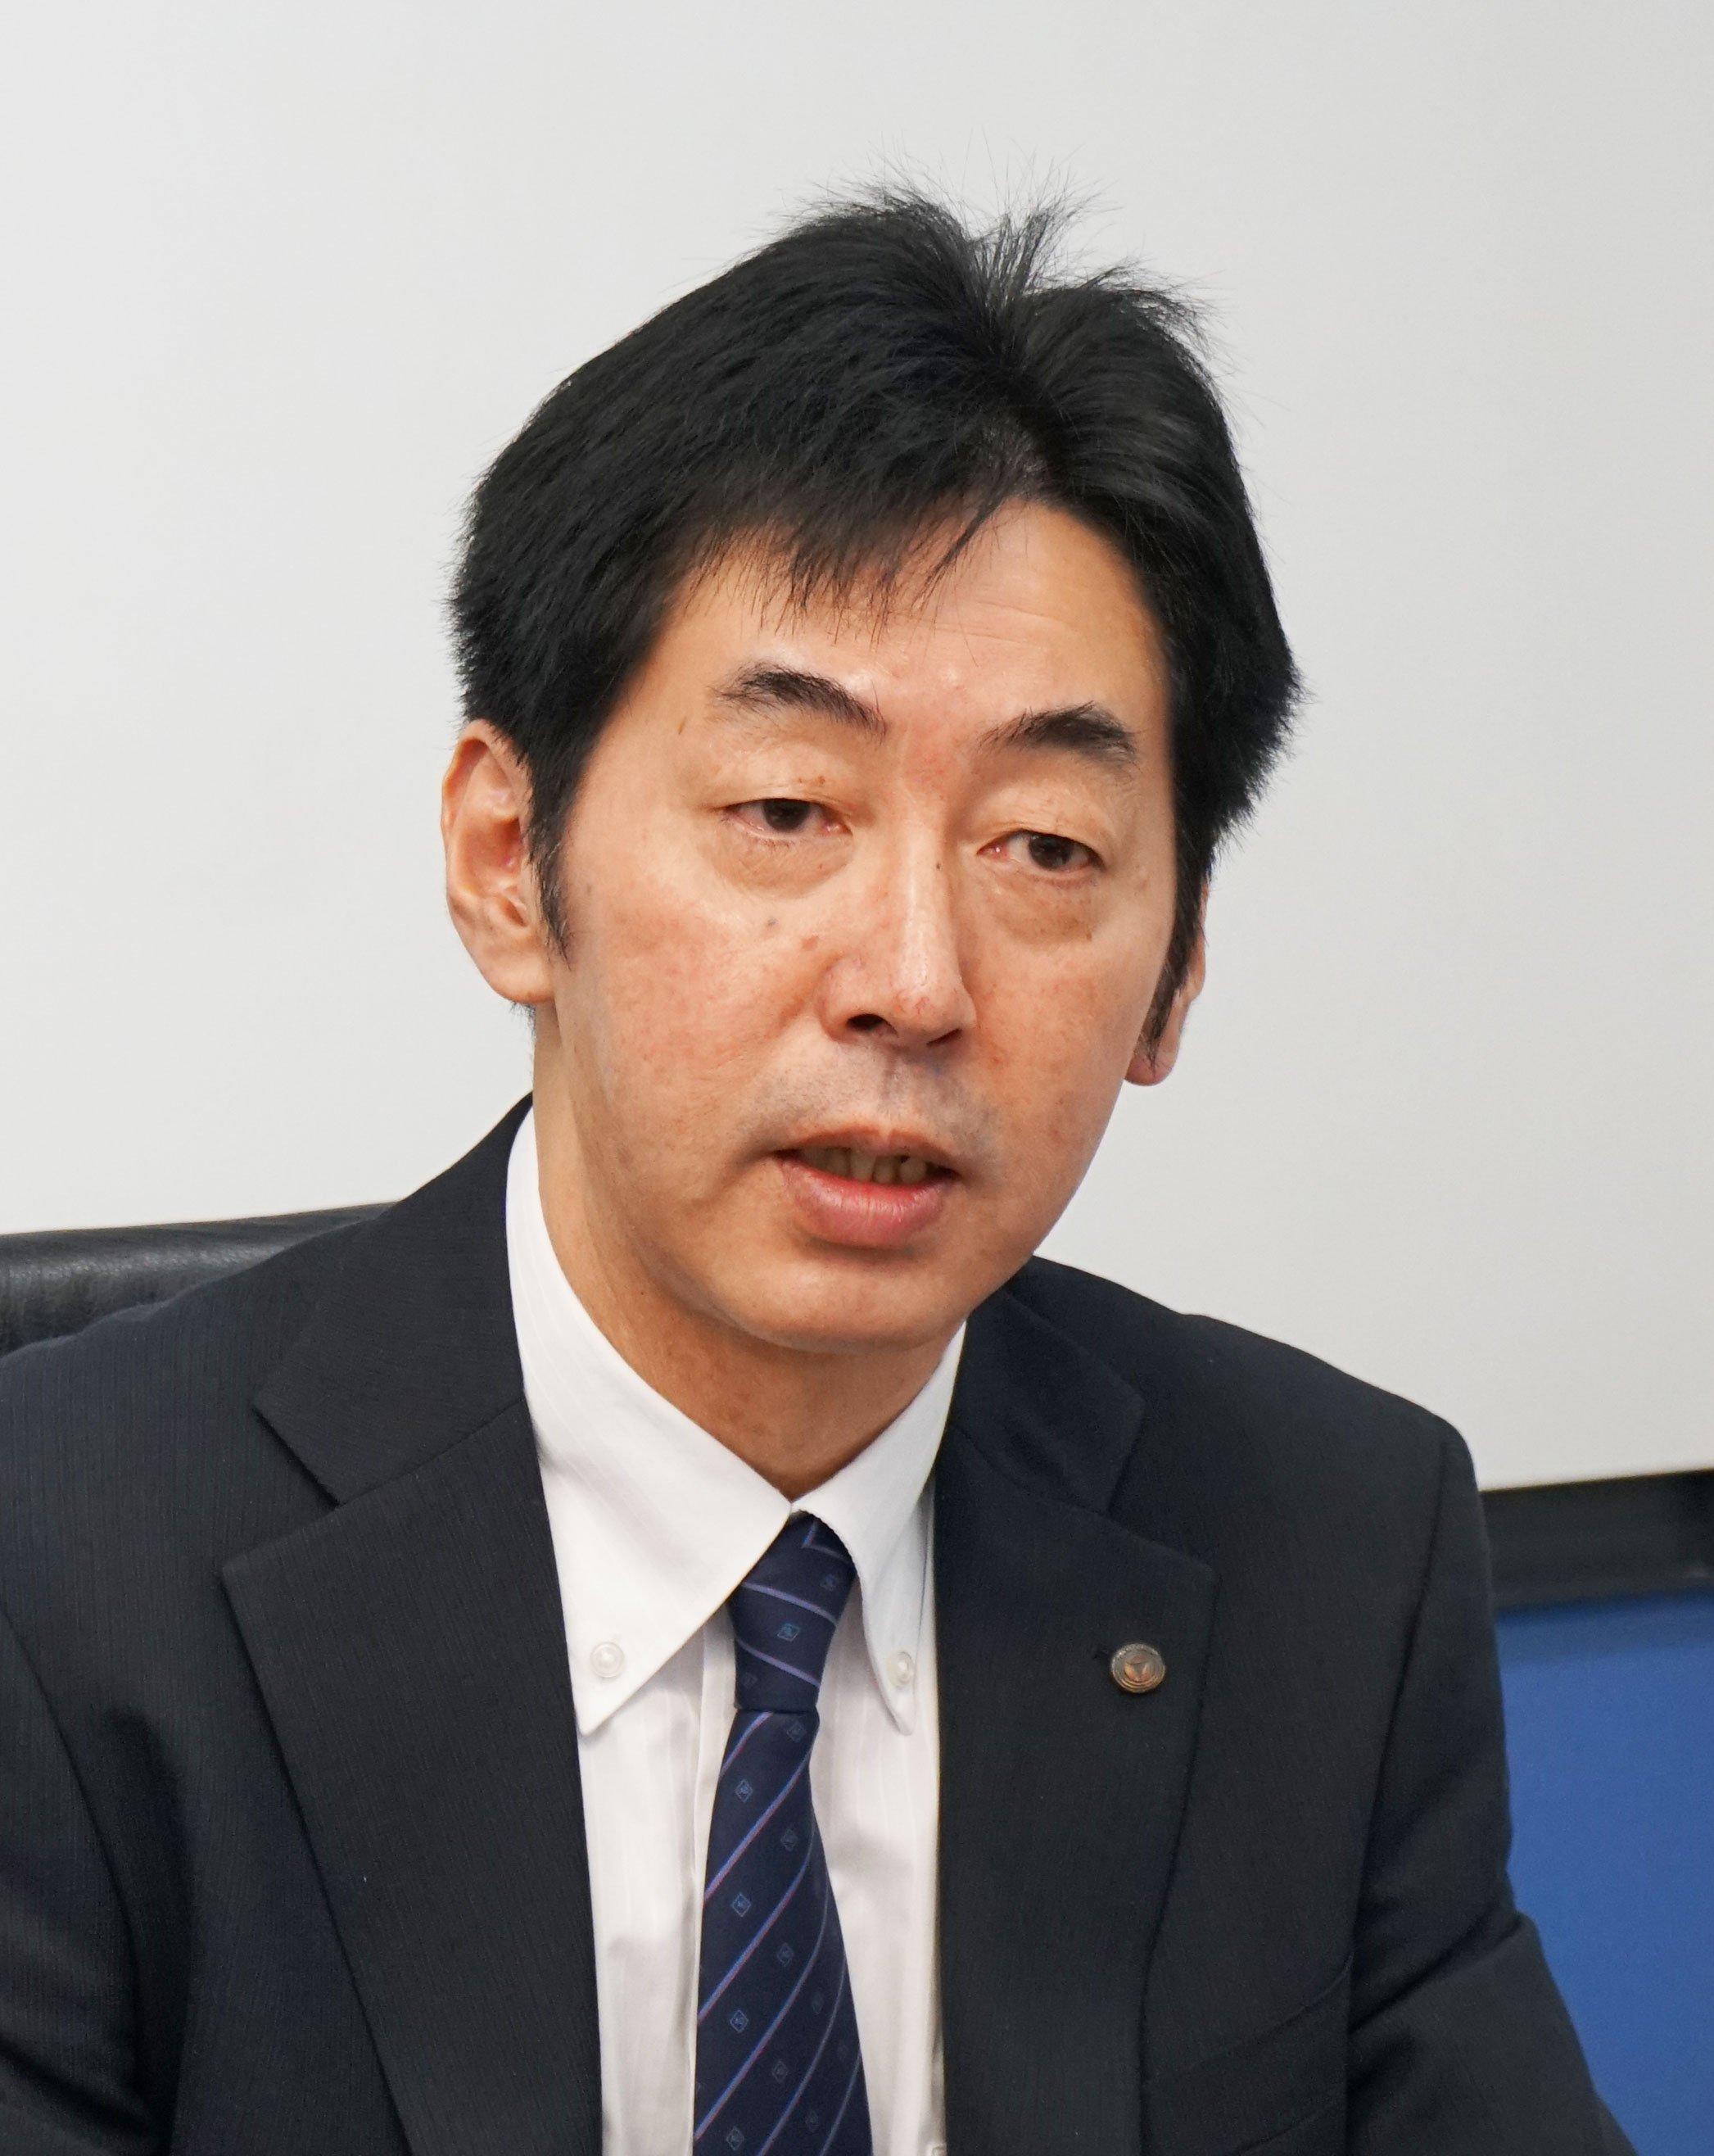 Odajima-shi